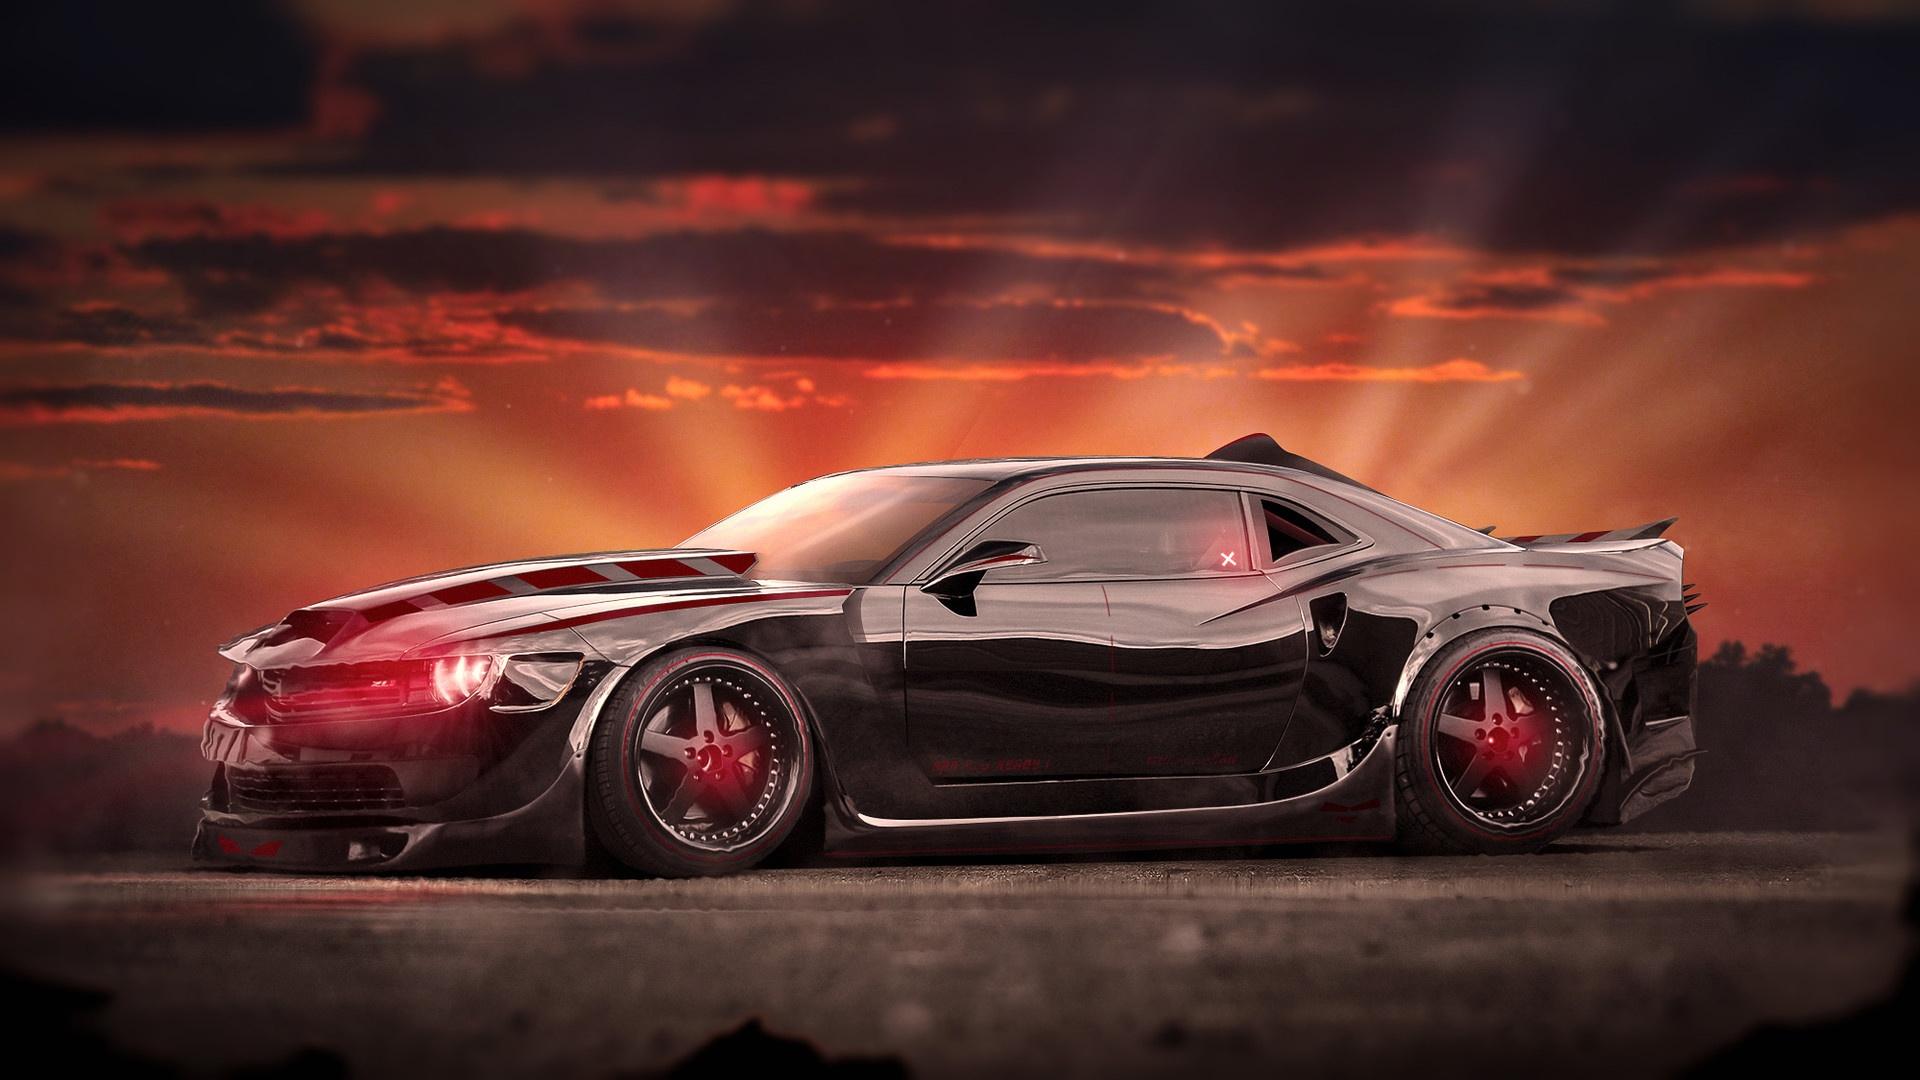 Camaro Wallpaper - WallpaperSafari